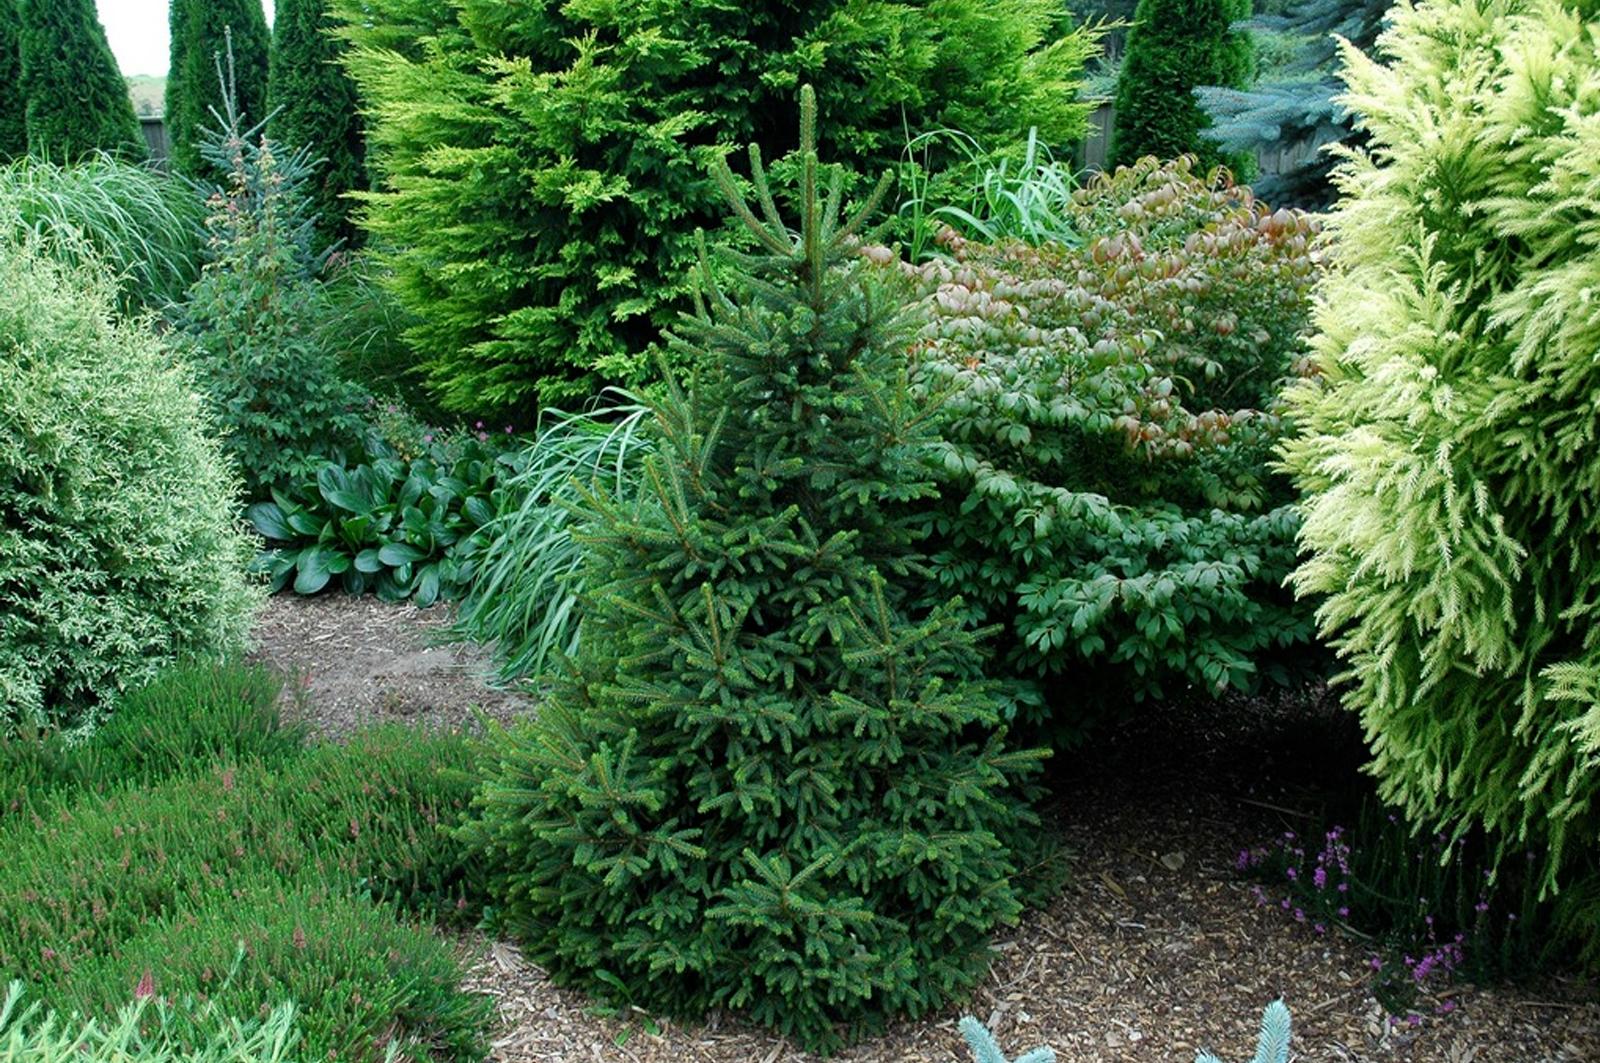 композиции из деревьев и кустарников своими руками на участке